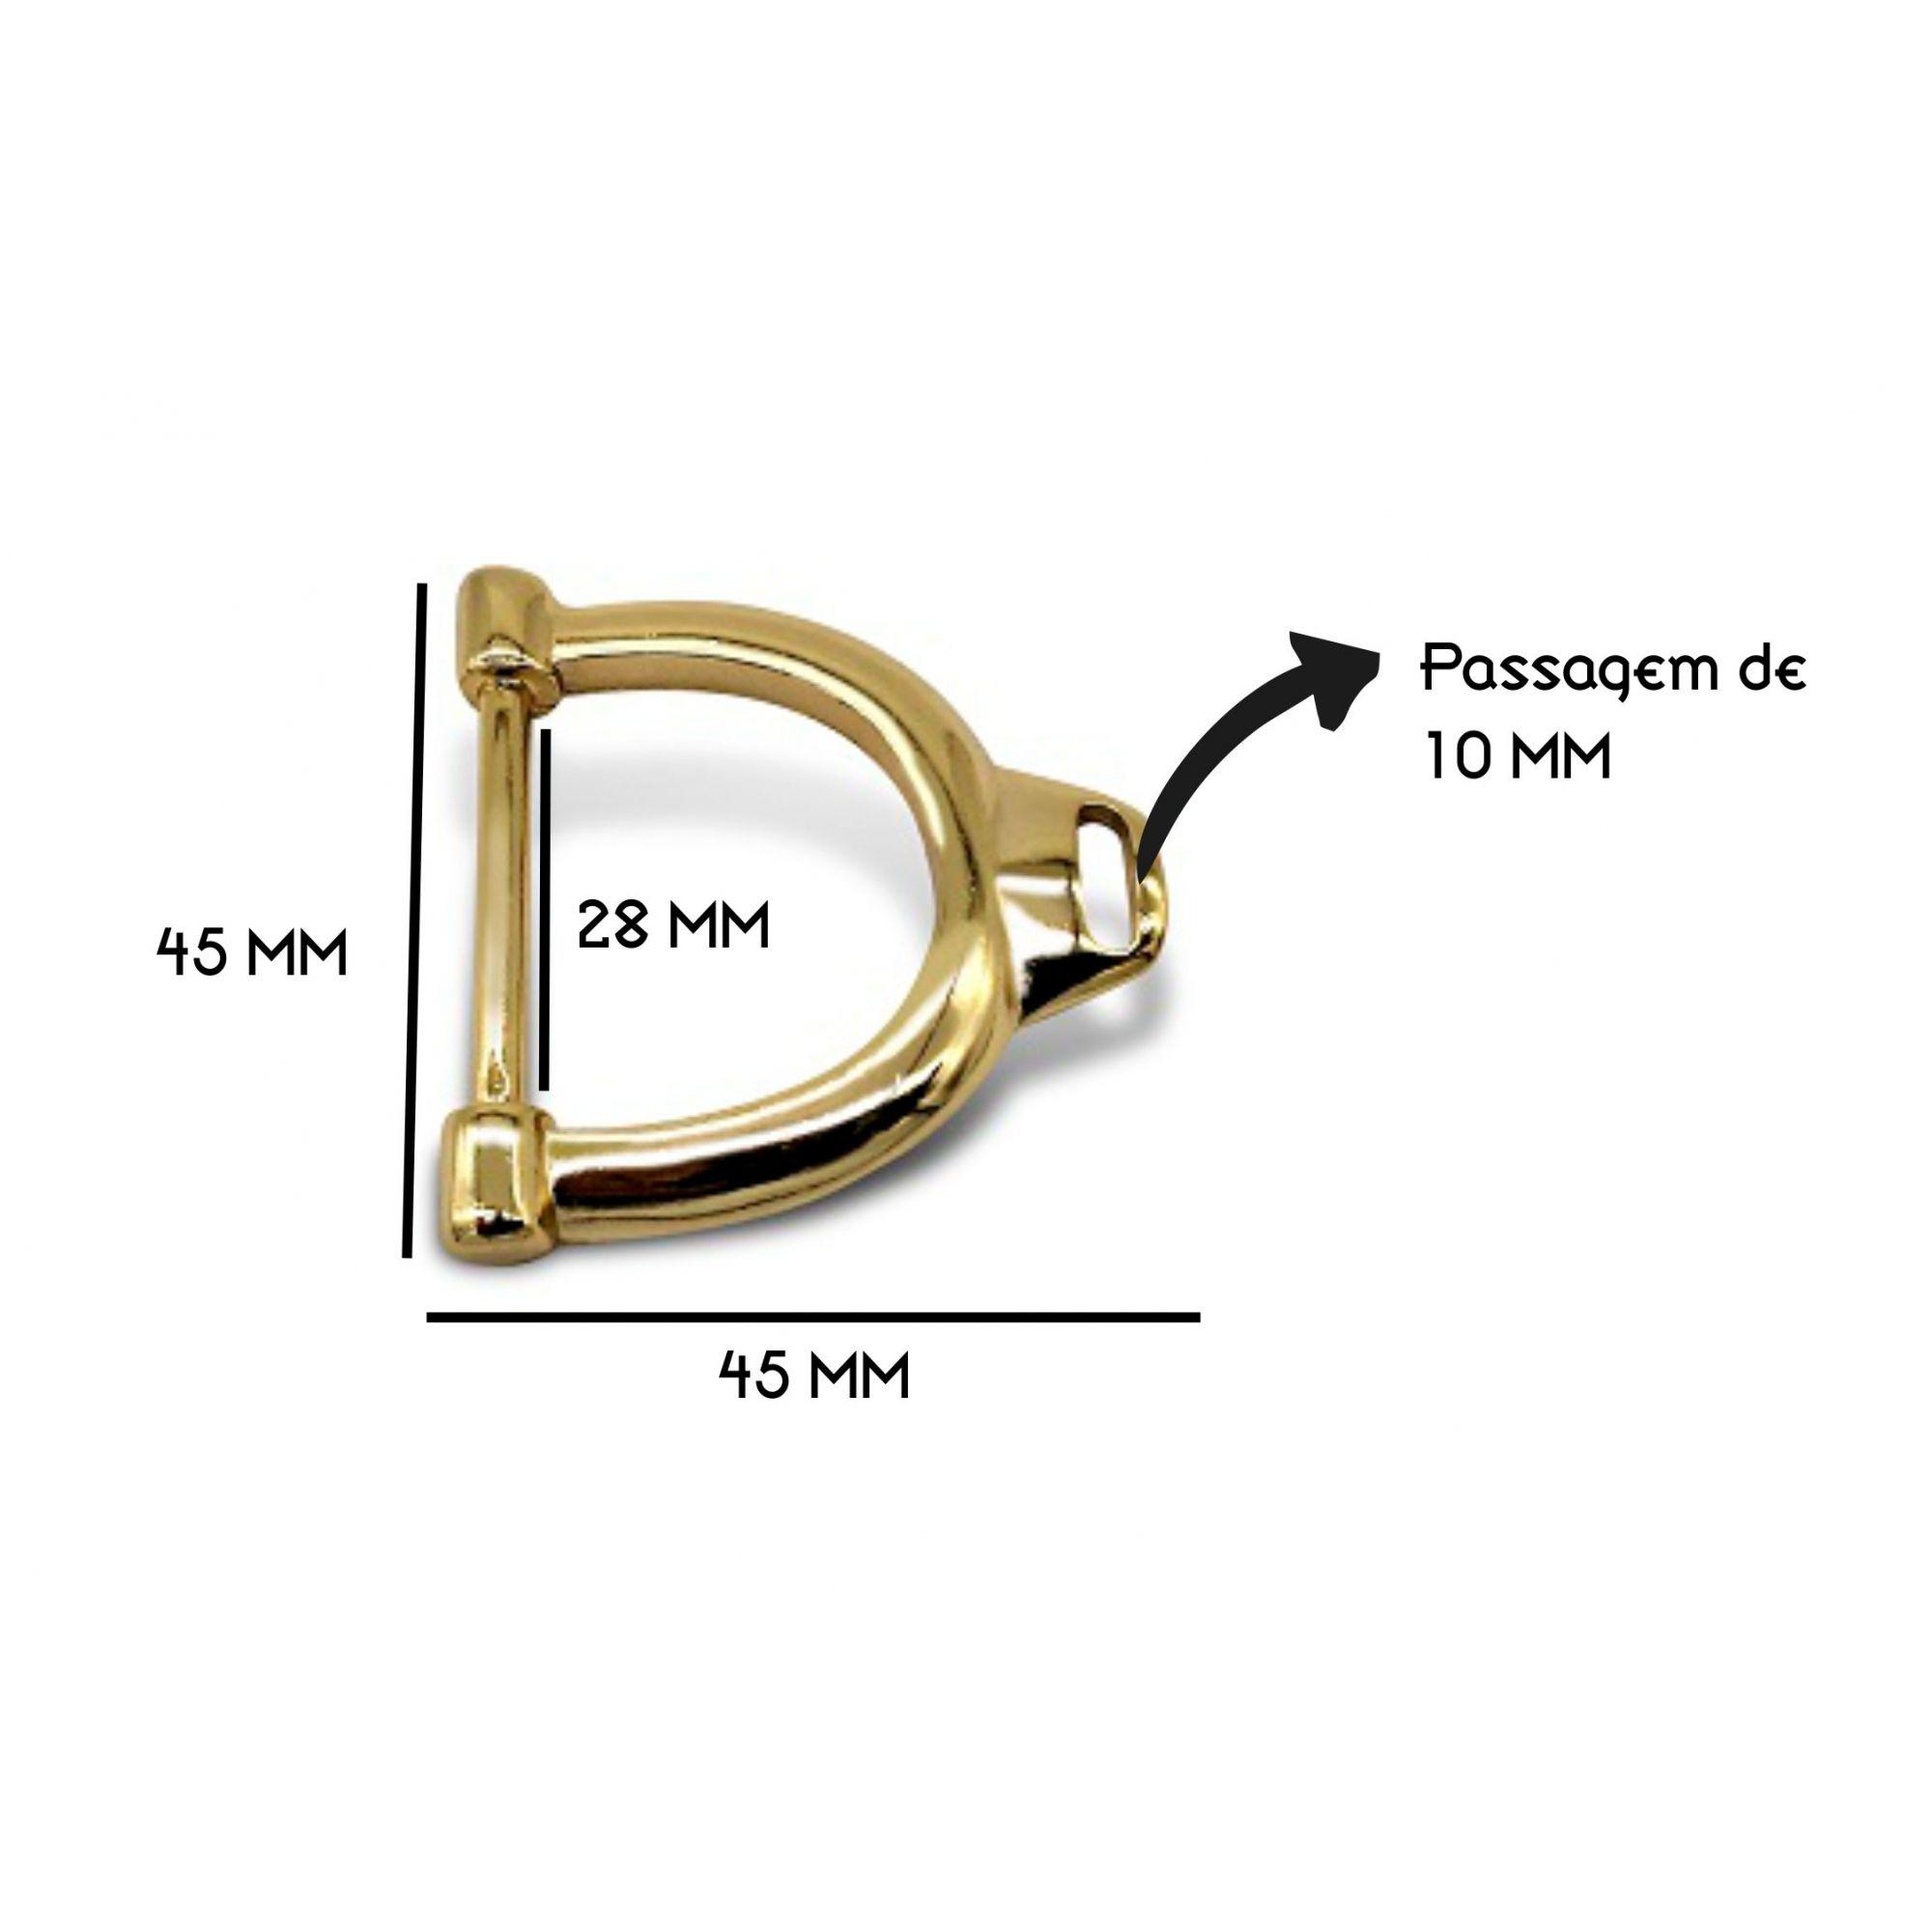 RG2447 PASSADOR | PCT COM 100 PCS